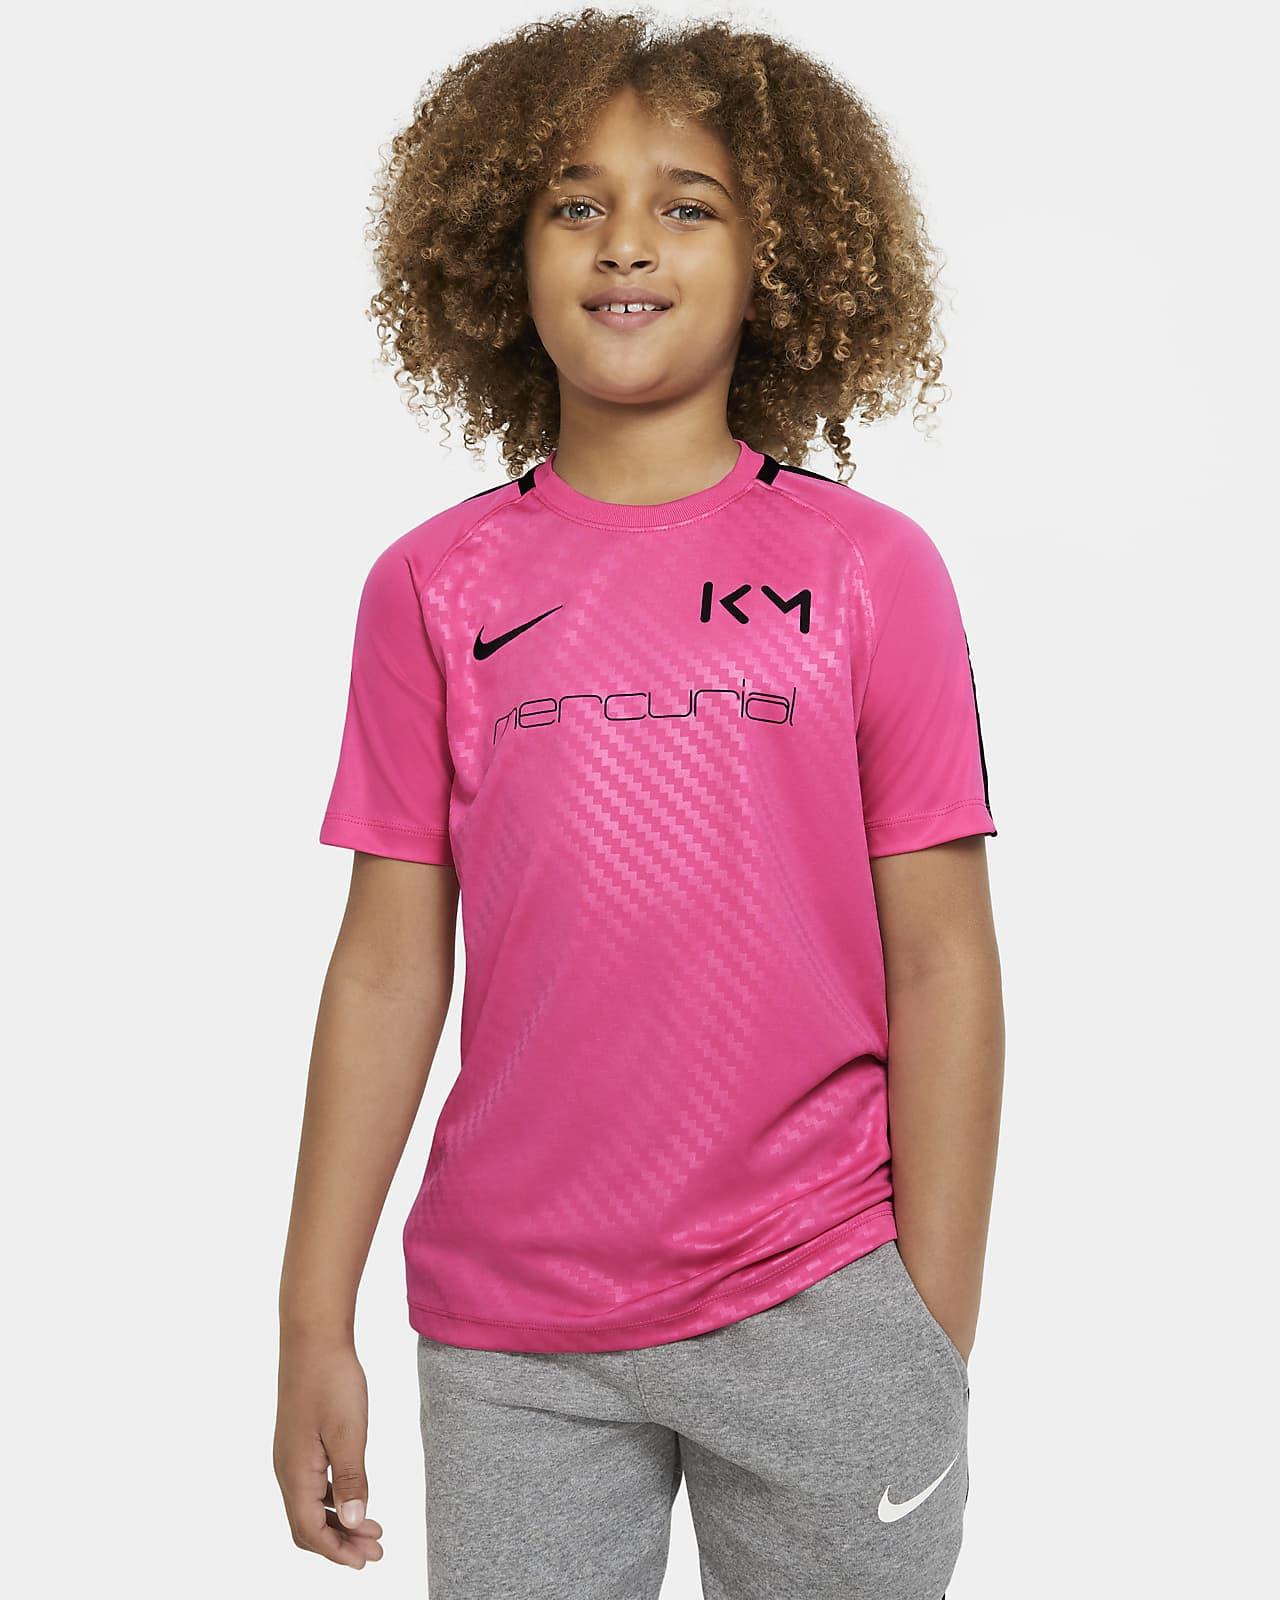 Koszulka piłkarska z krótkim rękawem dla dużych dzieci Nike Dri-FIT Kylian Mbappé